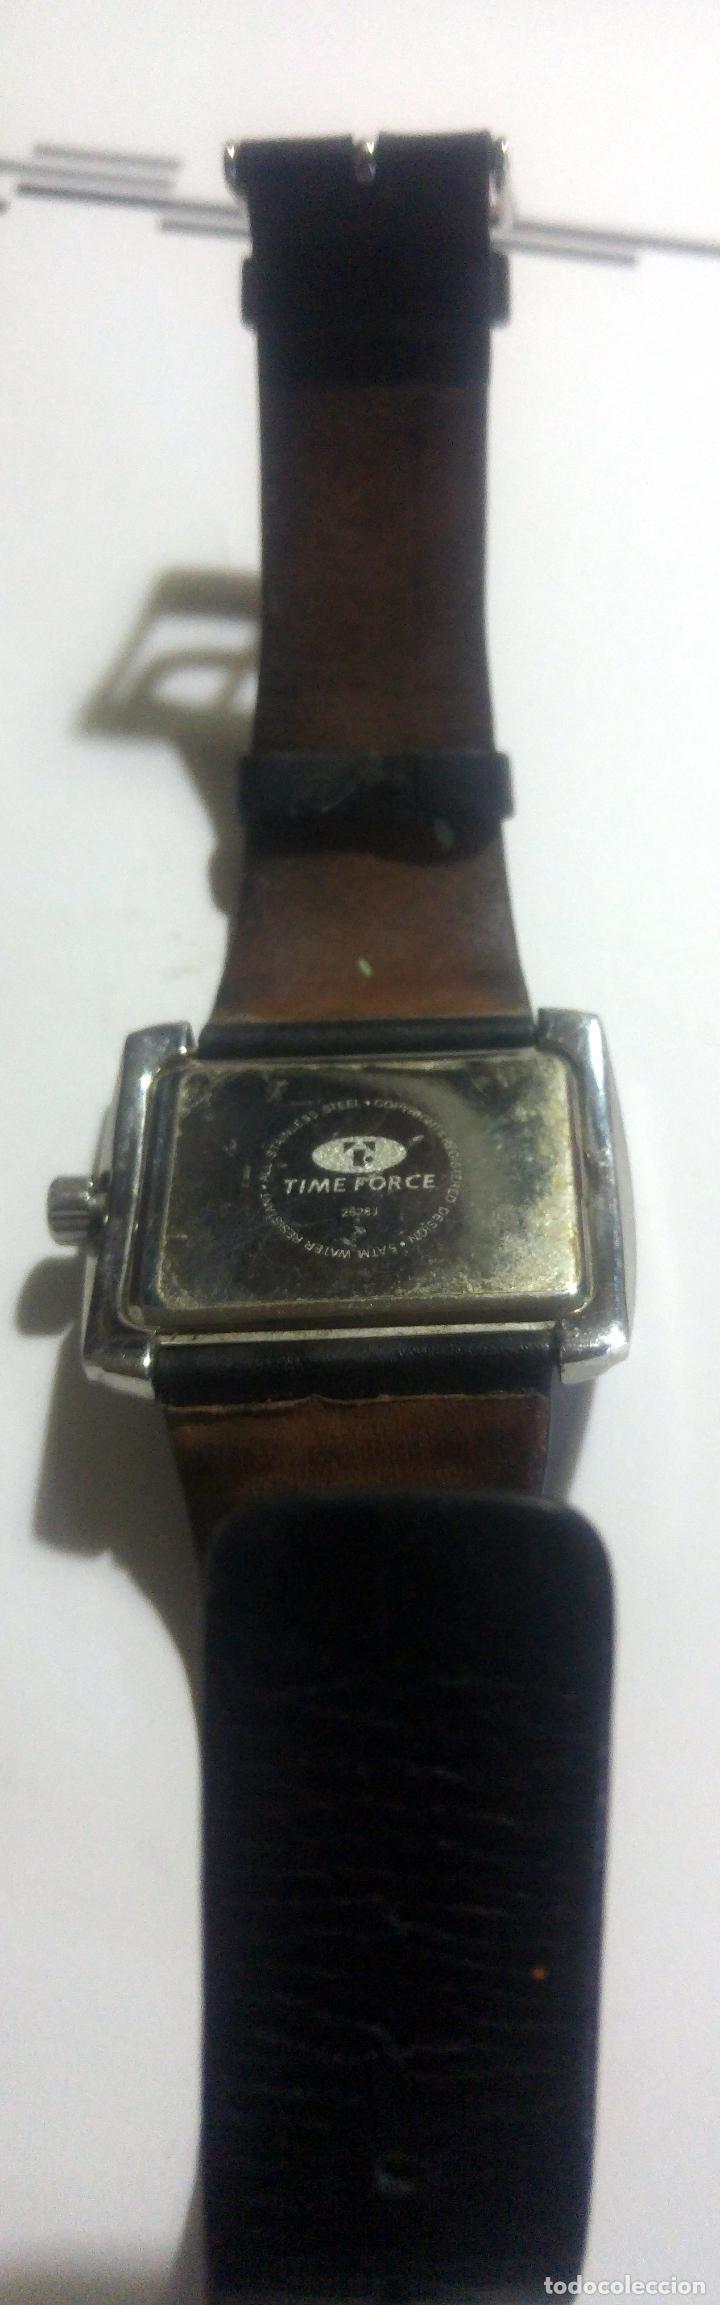 Relojes: Reloj Time Force 2628J - Foto 3 - 194532951